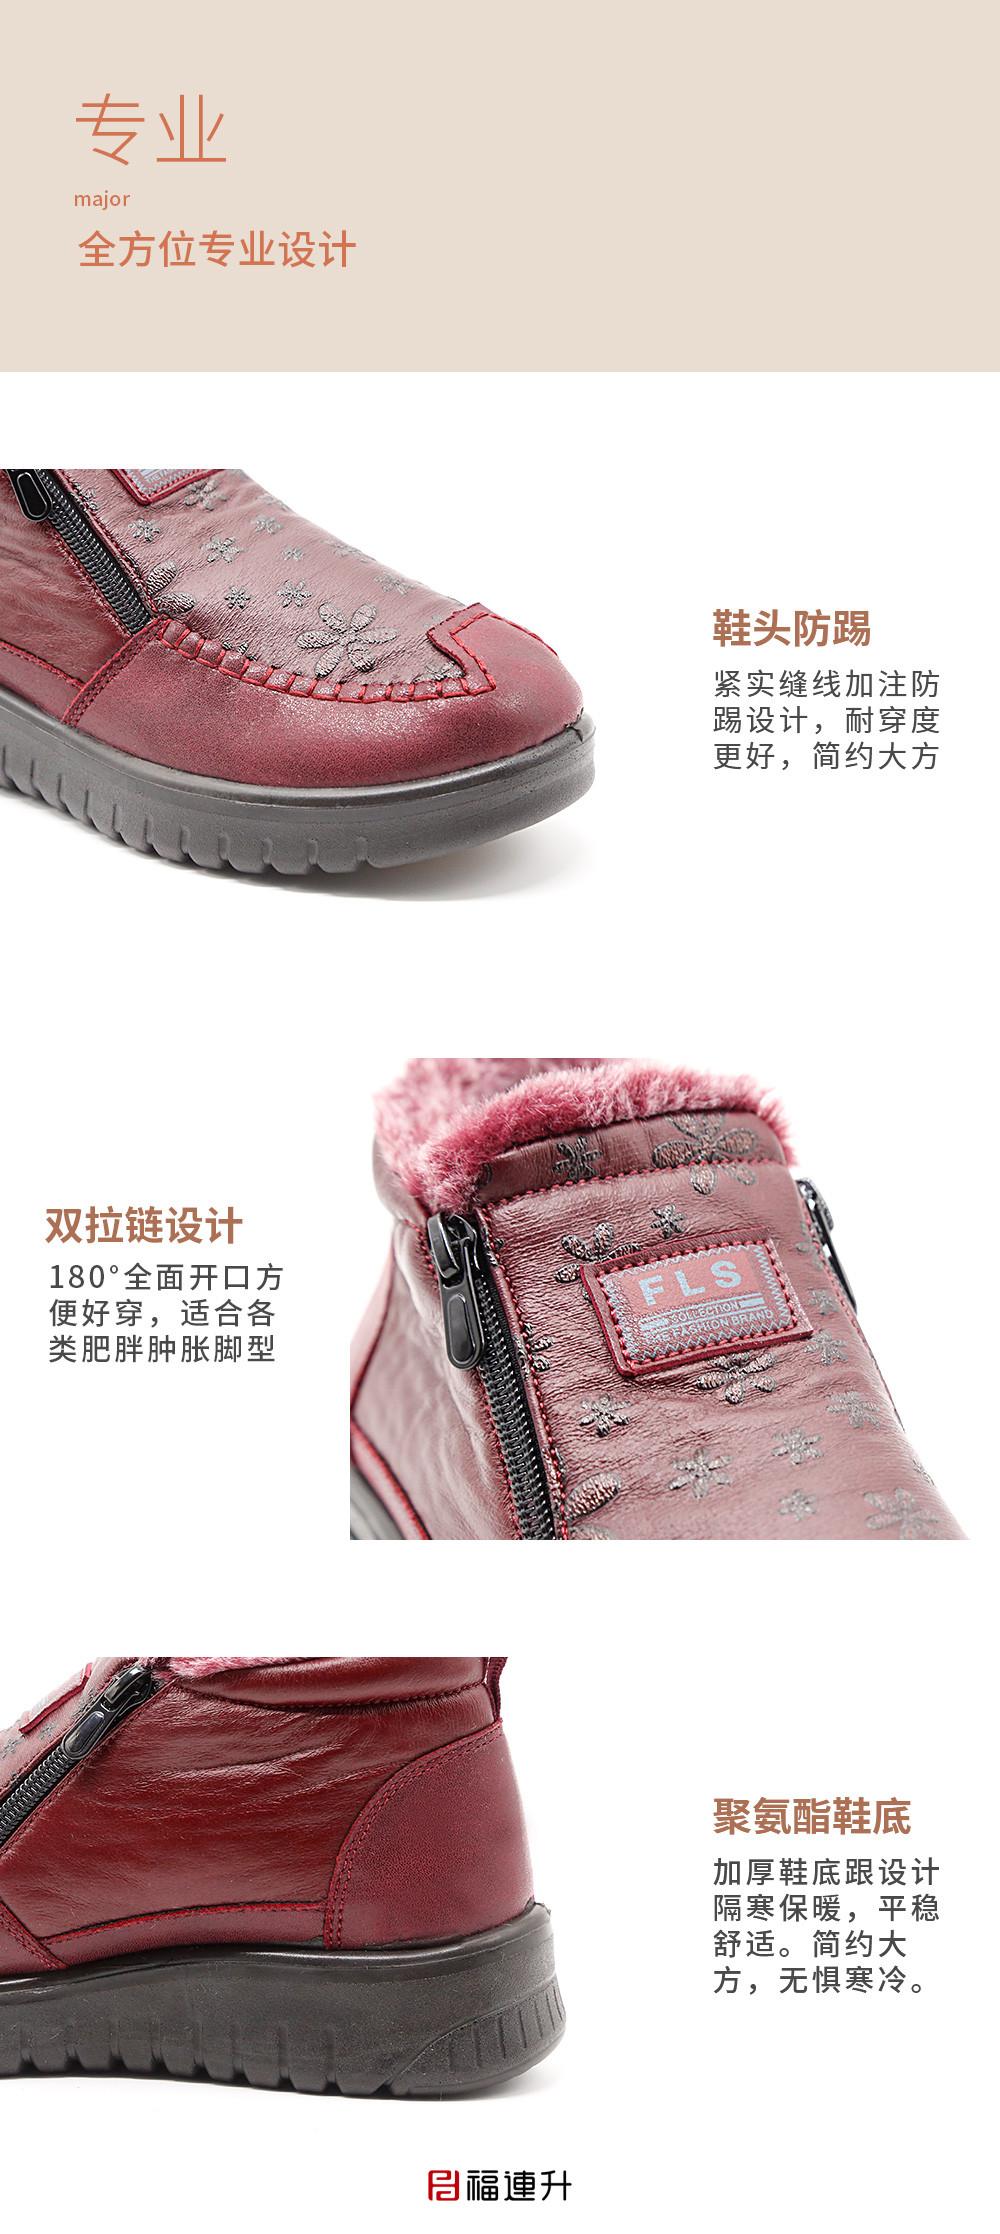 福连升2020冬季新款超柔面布软弹防滑双拉链保暖妈妈鞋图片